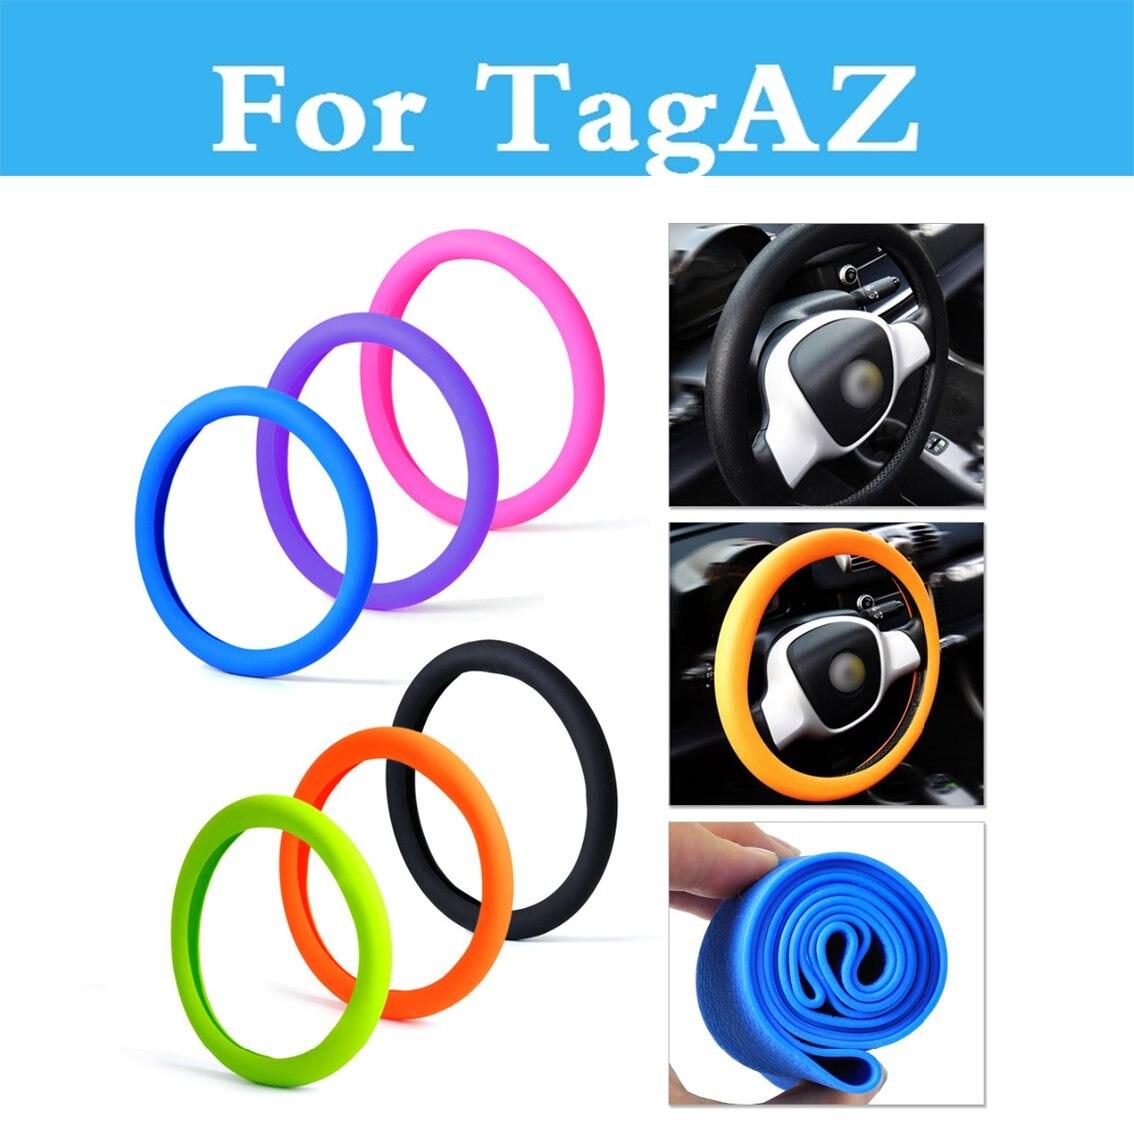 Cubierta de guante de silicona para volante de coche, accesorios para TagAZ C10 C190 C-30 Road Partner Tager Vega Aquila